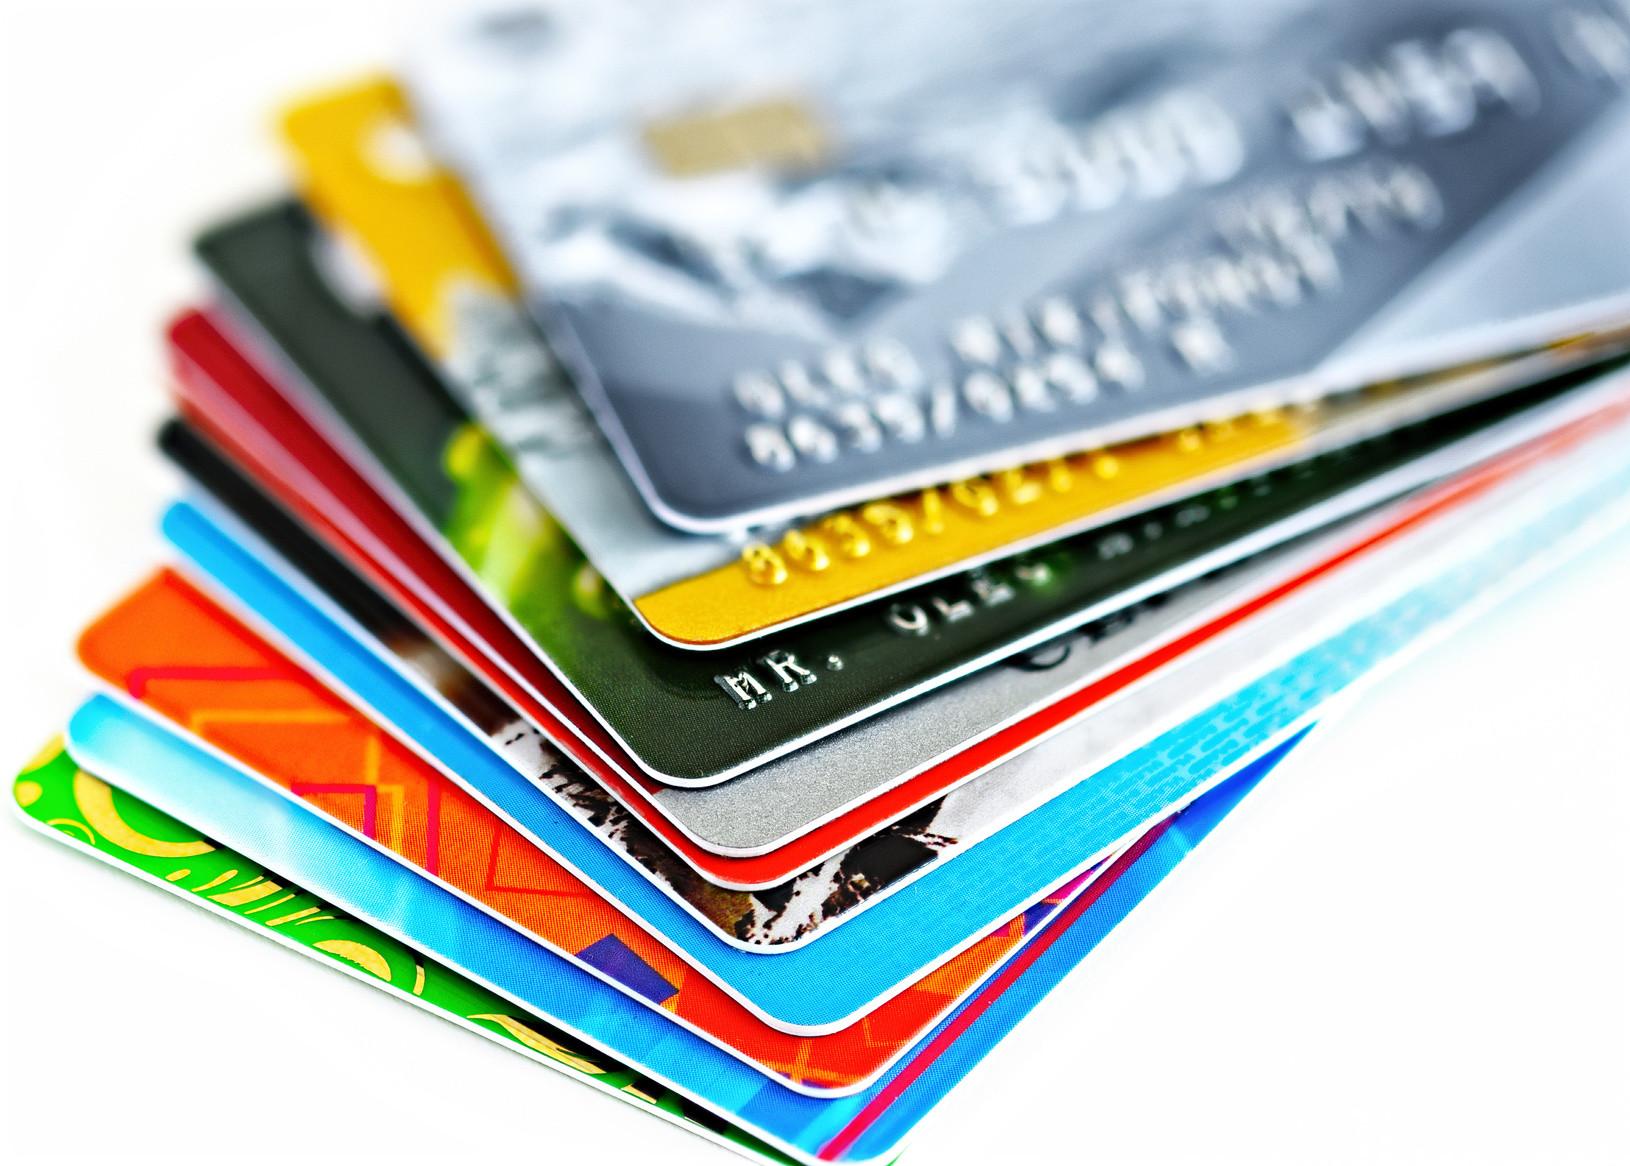 karta wielowalutowa, karta walutowa, konto walutowe